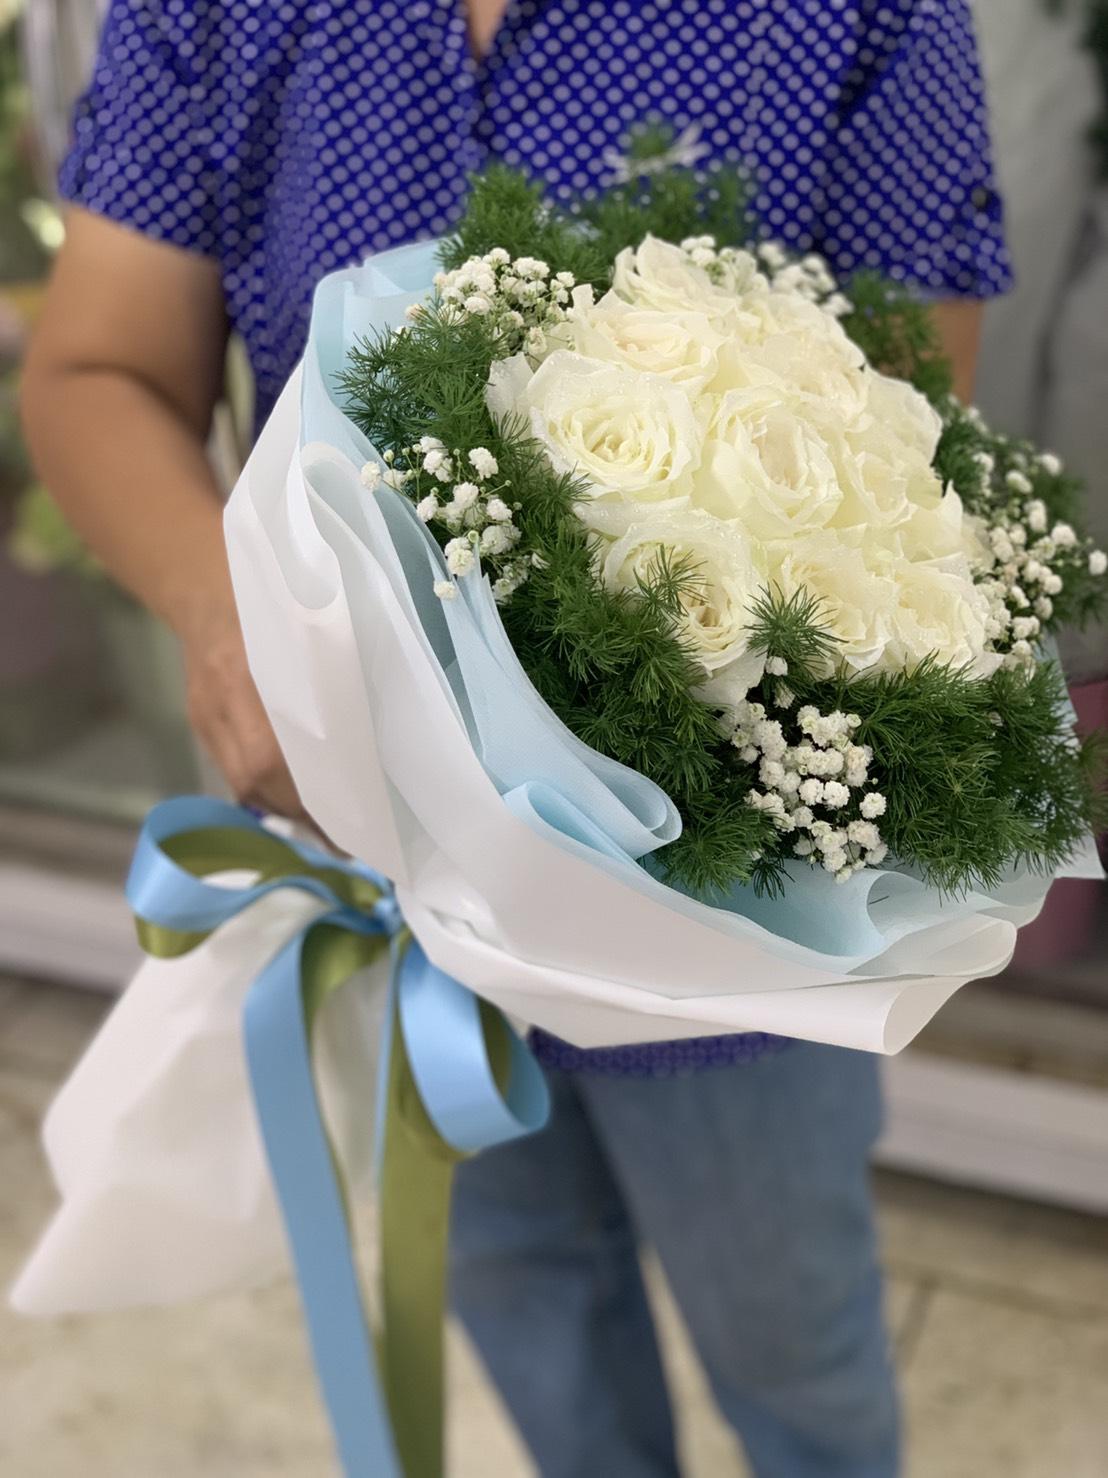 ช่อดอกไม้สีขาวนวล ประกอบด้วยกุหลาบ 12 ดอก